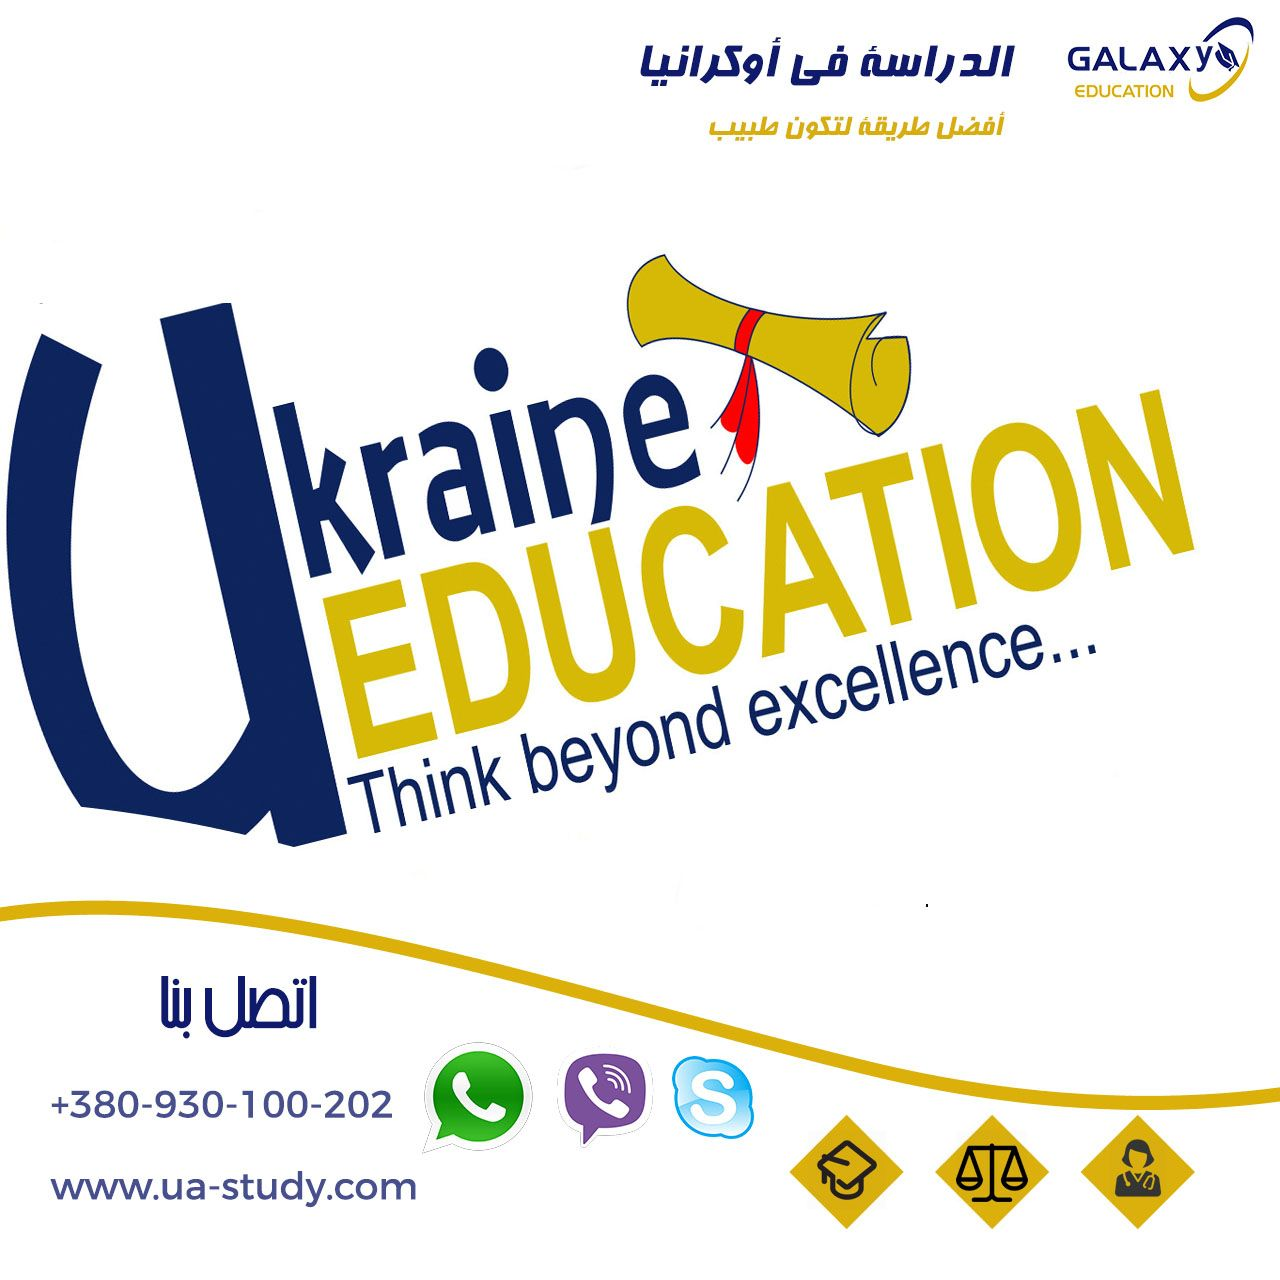 الدراسة في أوكرانيا فوائد الدراسة في أوكرانيا دخول الجامعات ودراسة التخصصات الكبرى بدون امتحان القبول مجموعة ج Education Personal Care Excellence